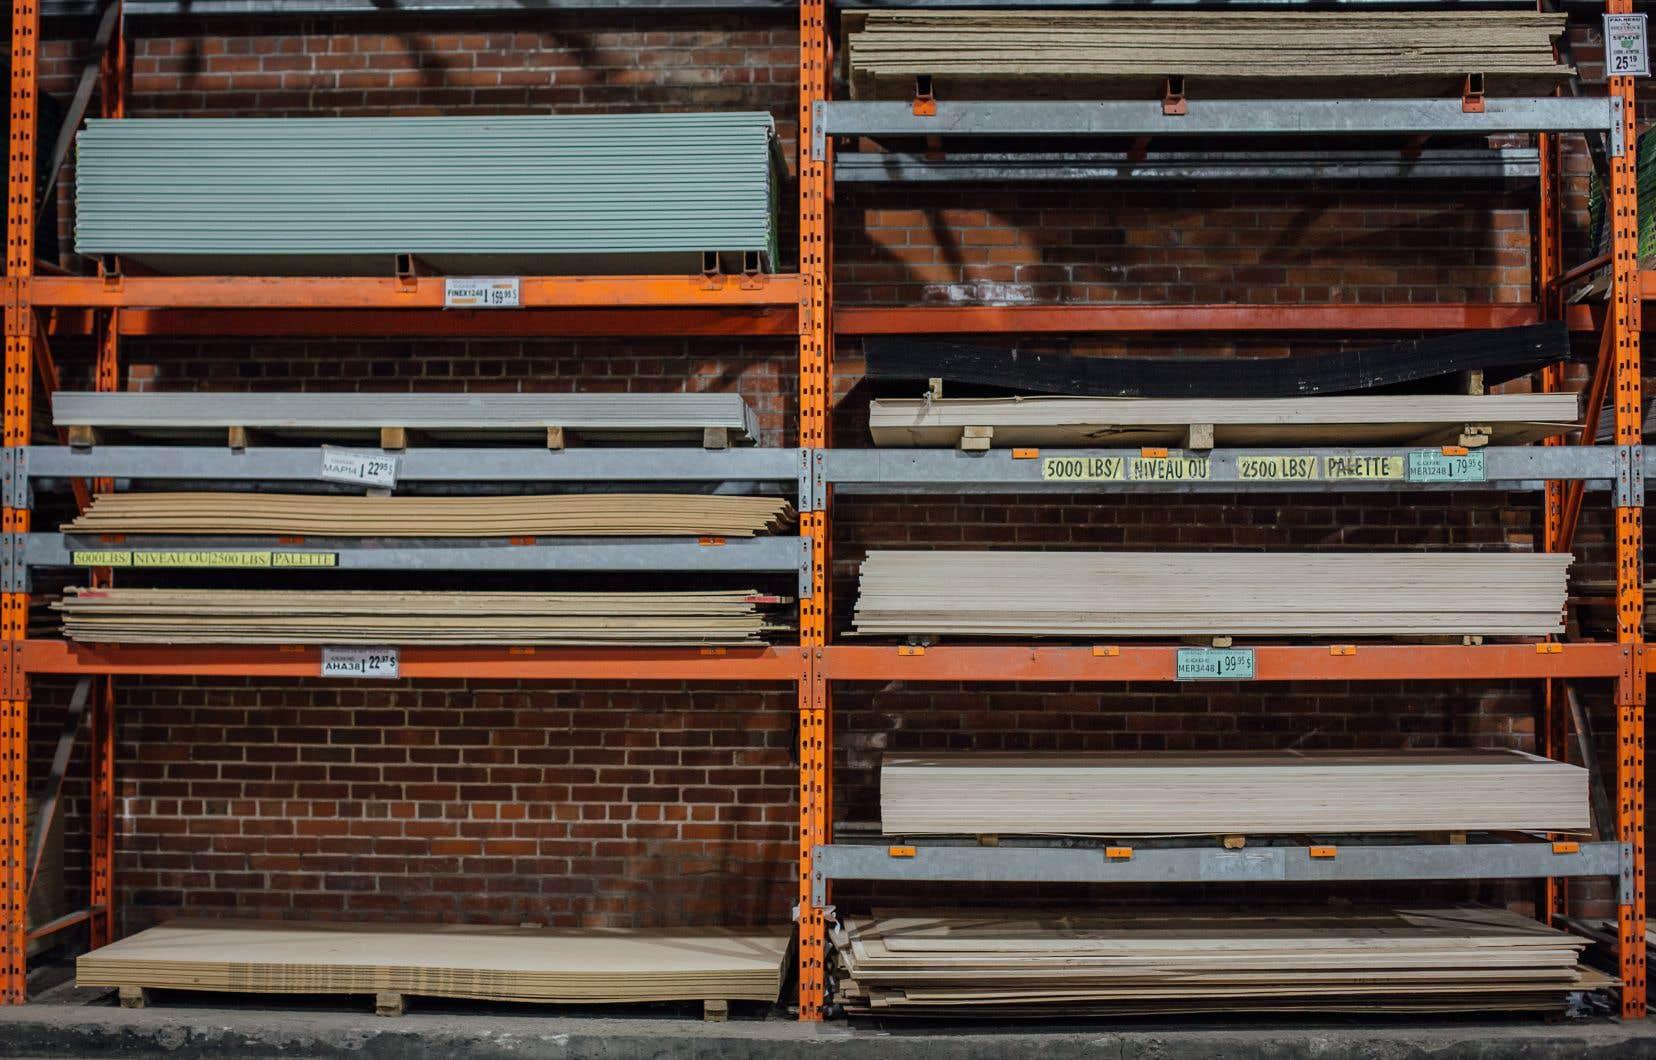 Les commerçants membres de l'Association québécoise de la quincaillerie et des matériaux de construction ont vécu lors de la première vague de COVID-19 une pénurie de bois d'œuvre, entre autres.